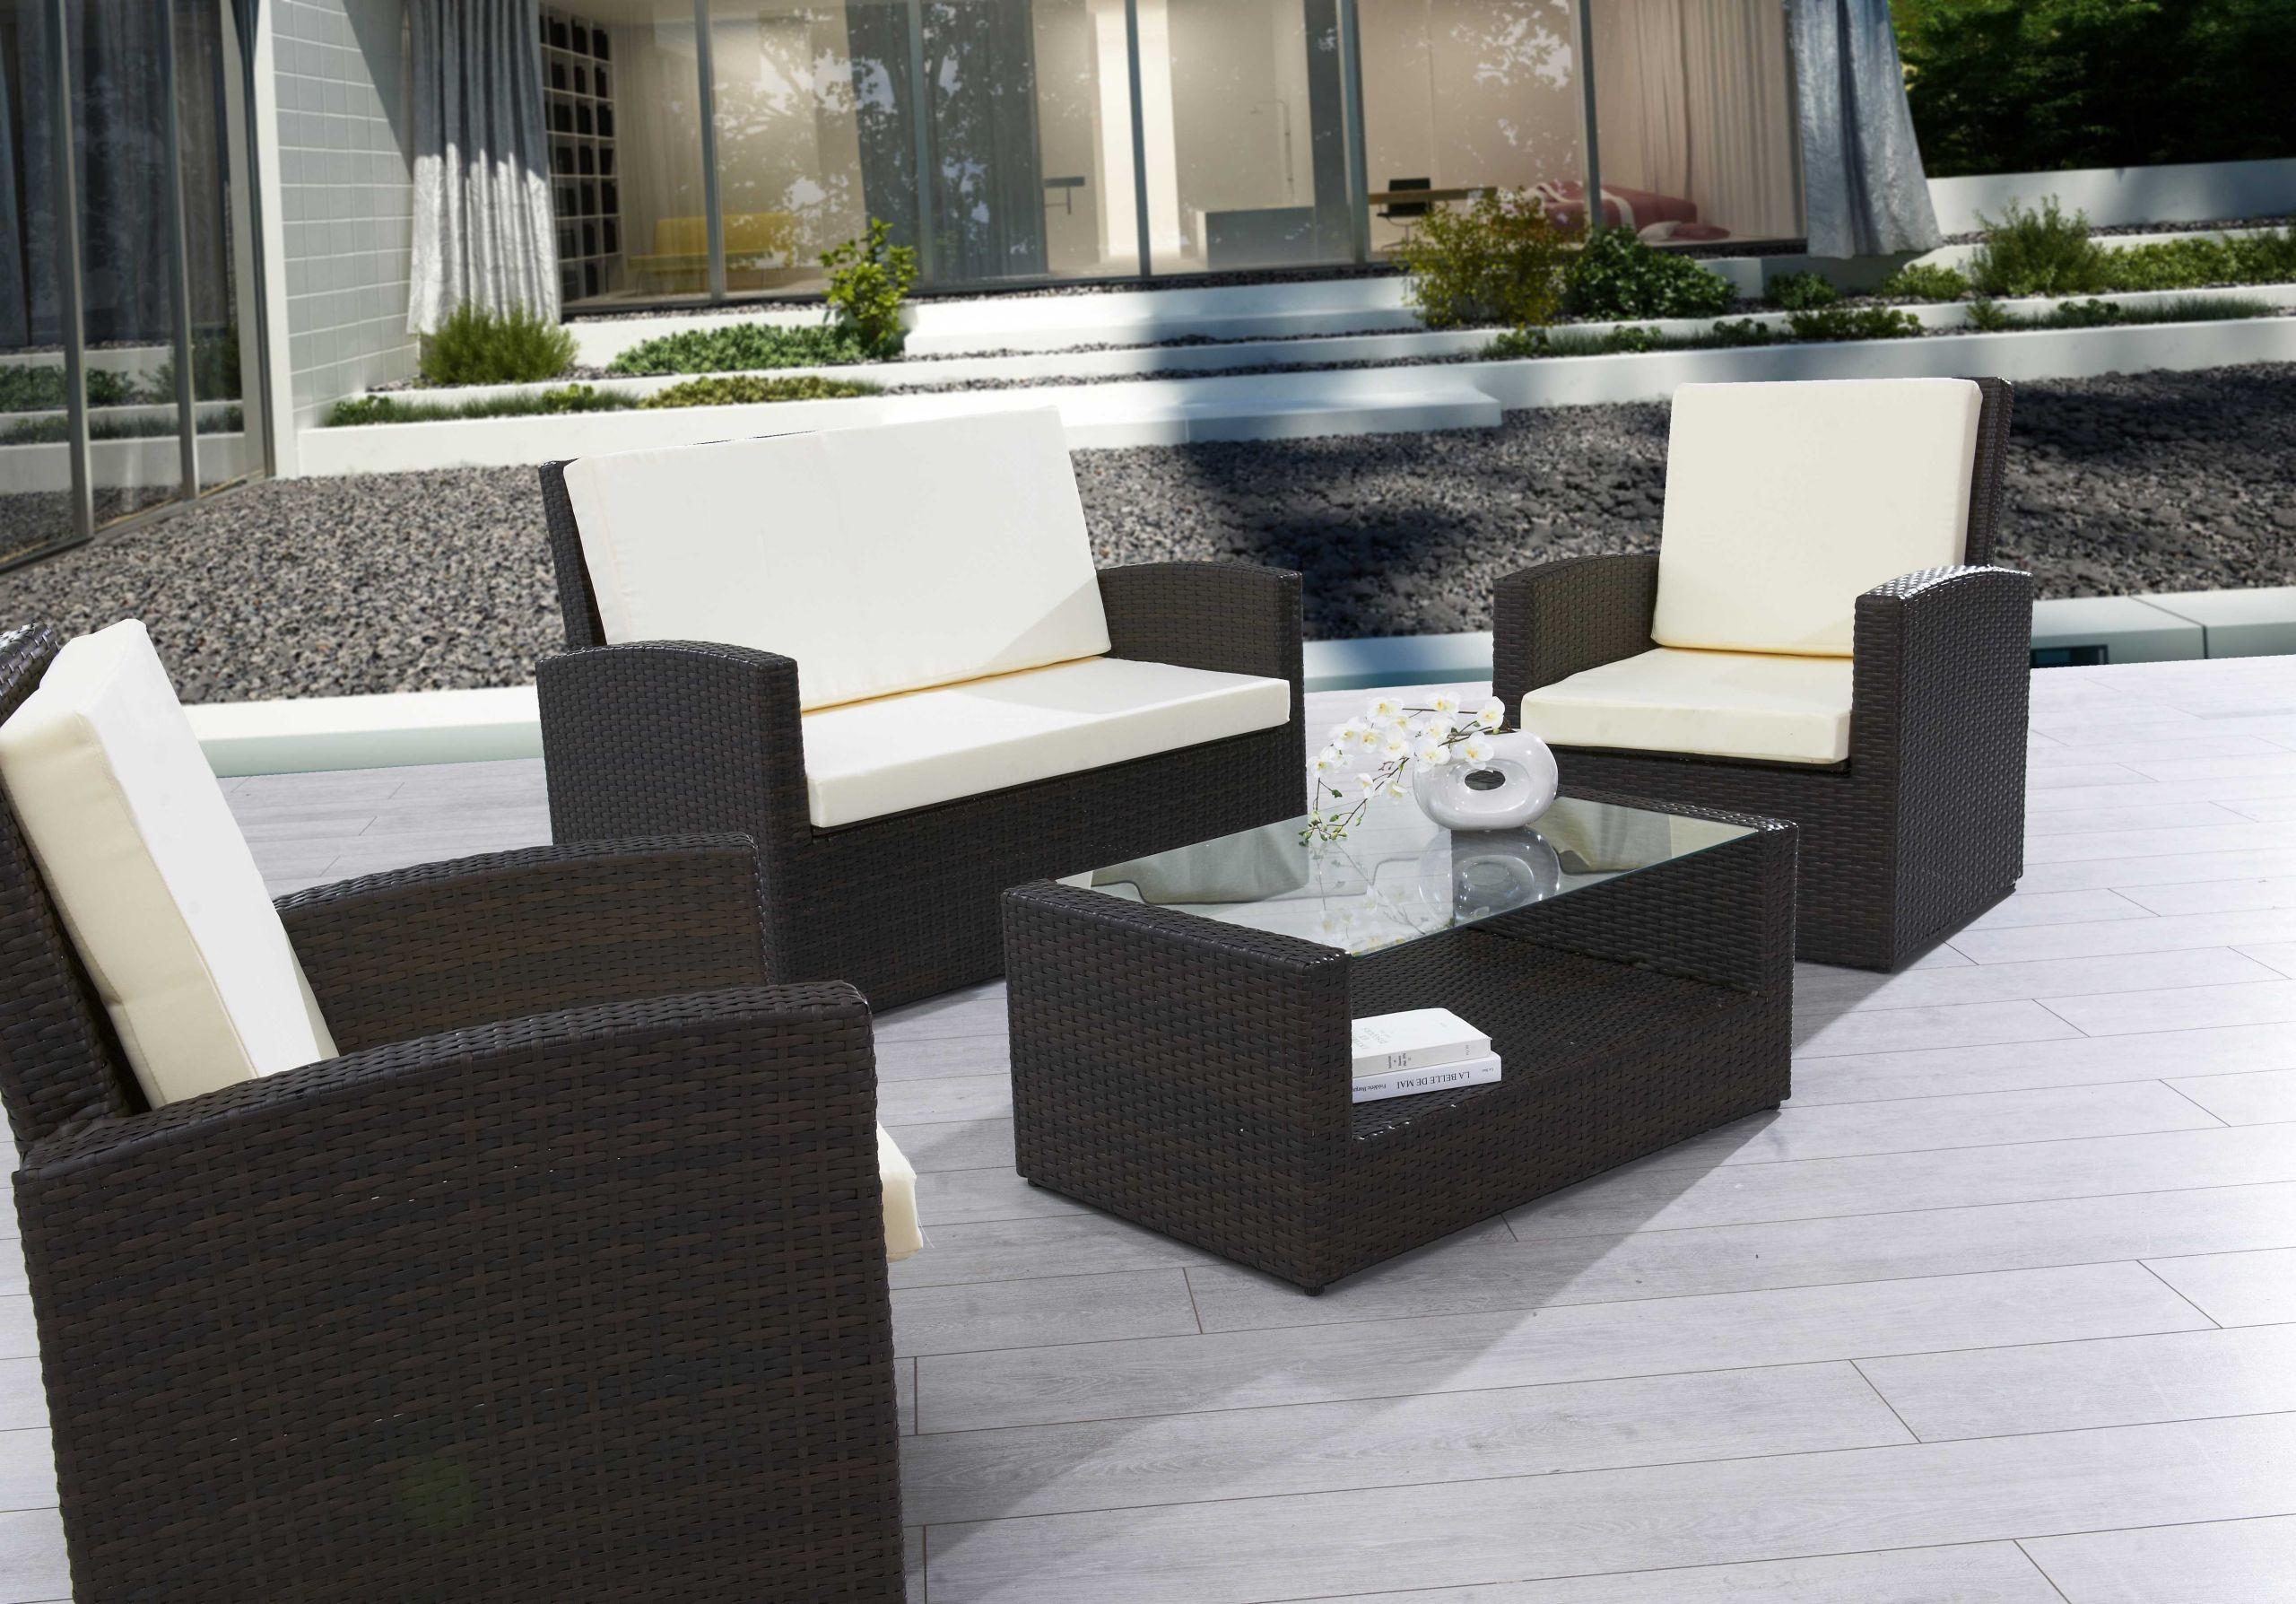 24 Luxe Salon De Jardin Pour Balcon | Salon Jardin concernant Ensemble Table Et Chaise De Jardin Pas Cher